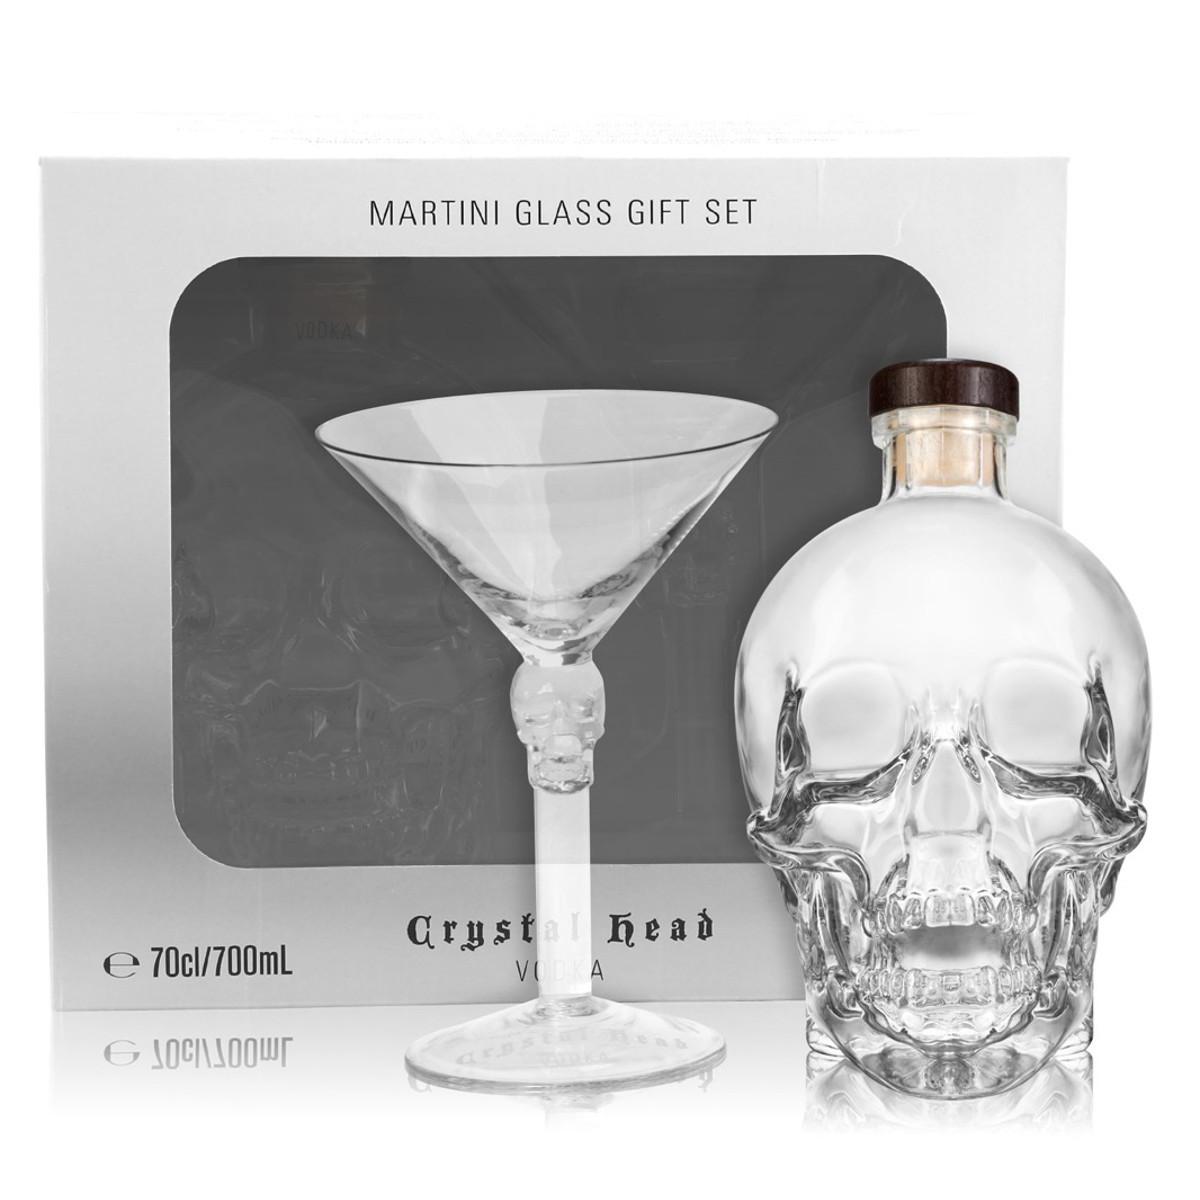 Crystal Head Vodka – Geschenkset mit Martini-Glas